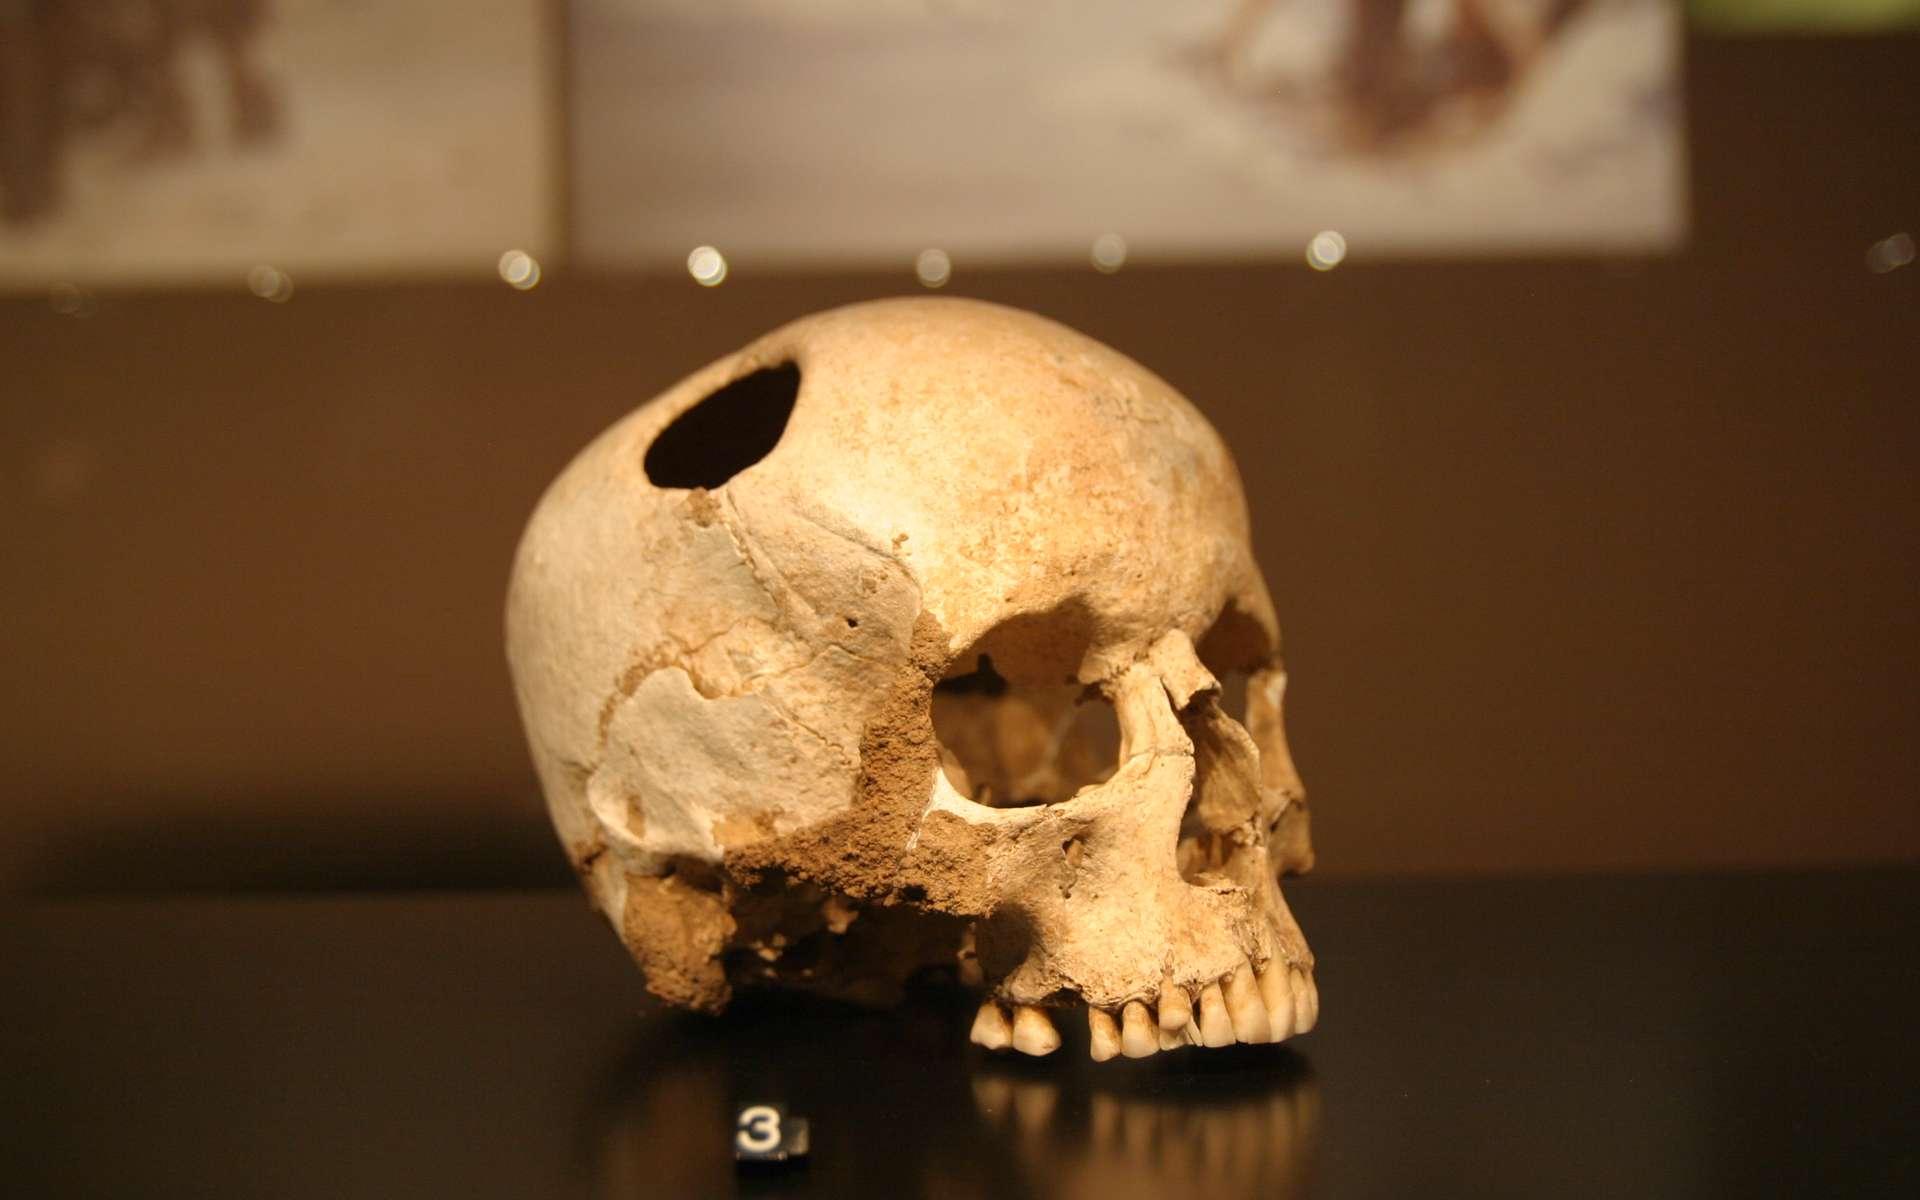 Ce crâne porte les traces d'une trépanation. La fillette ainsi opérée il y a 5.500 ans a survécu à la chirurgie. © Rama, Wikipédia, cc by sa 2.0